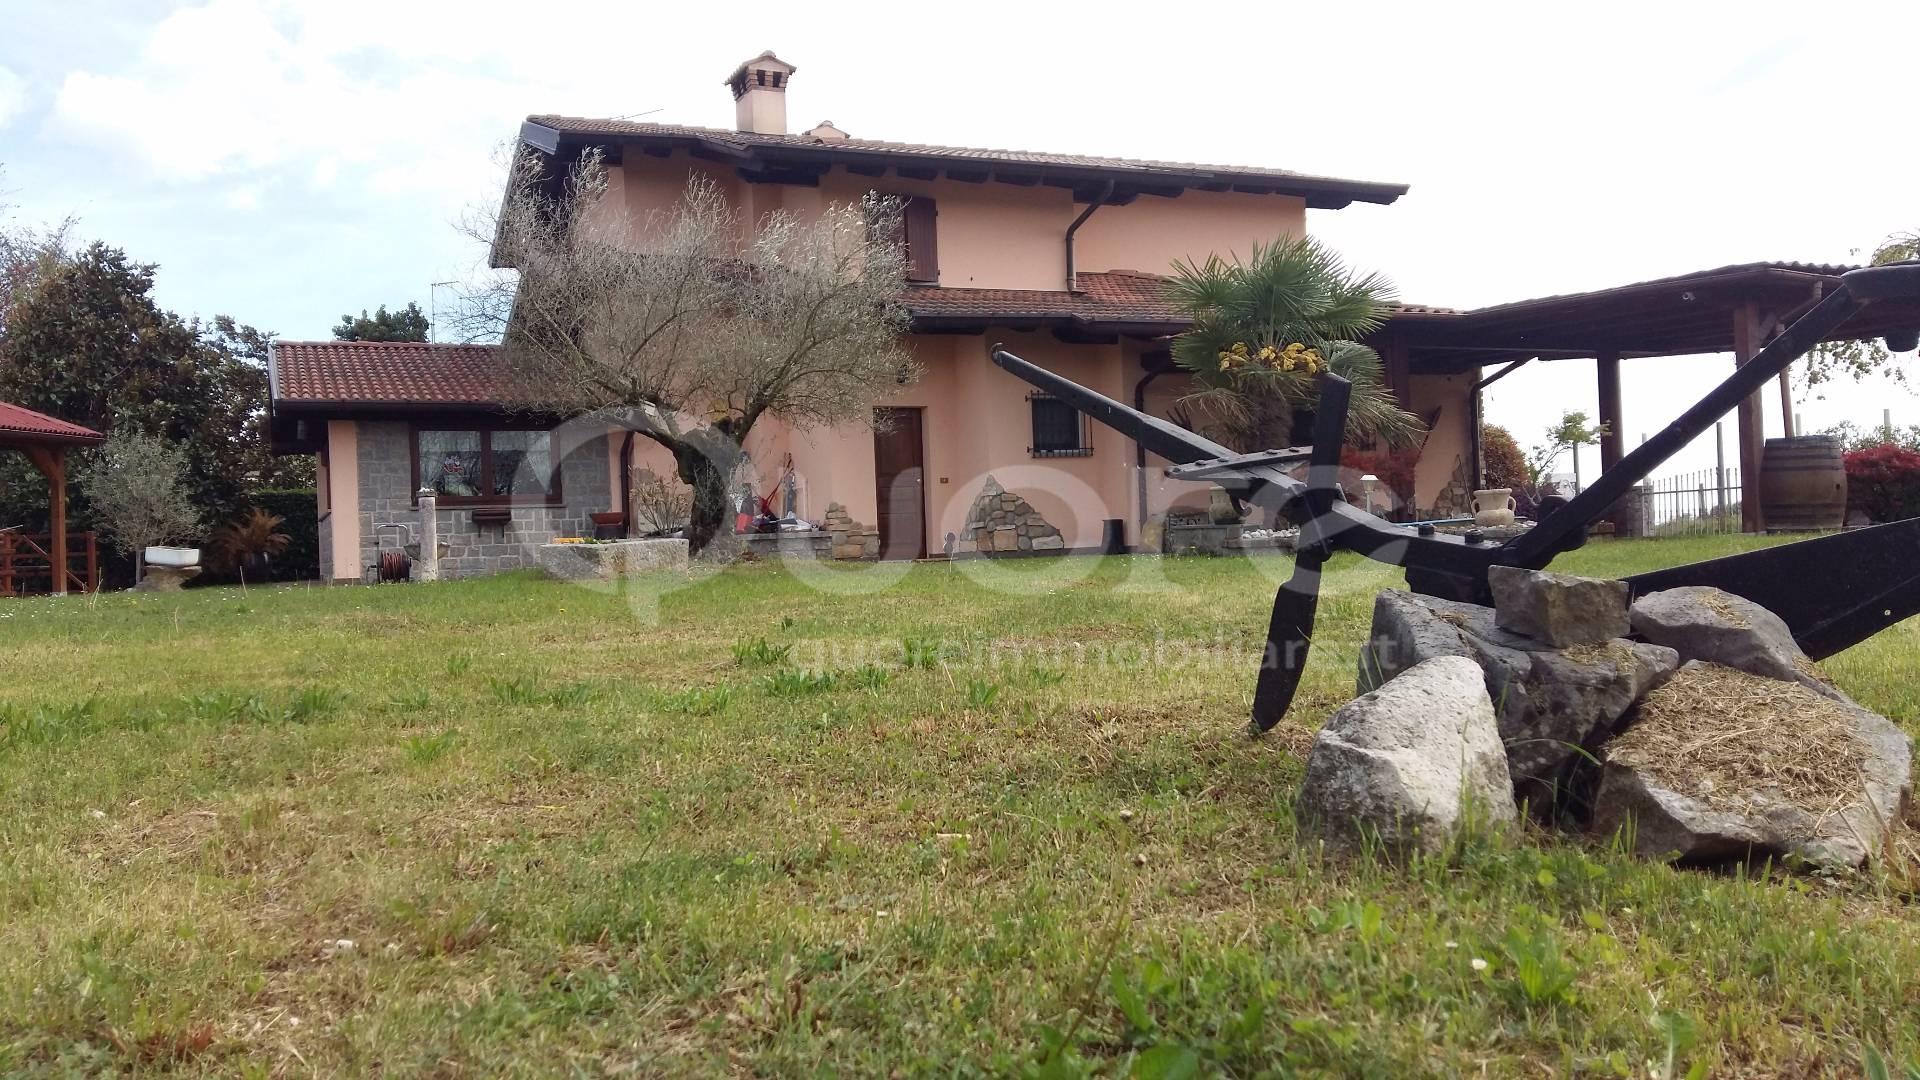 Villa in vendita a Povoletto, 6 locali, zona Zona: Primulacco, Trattative riservate | Cambio Casa.it